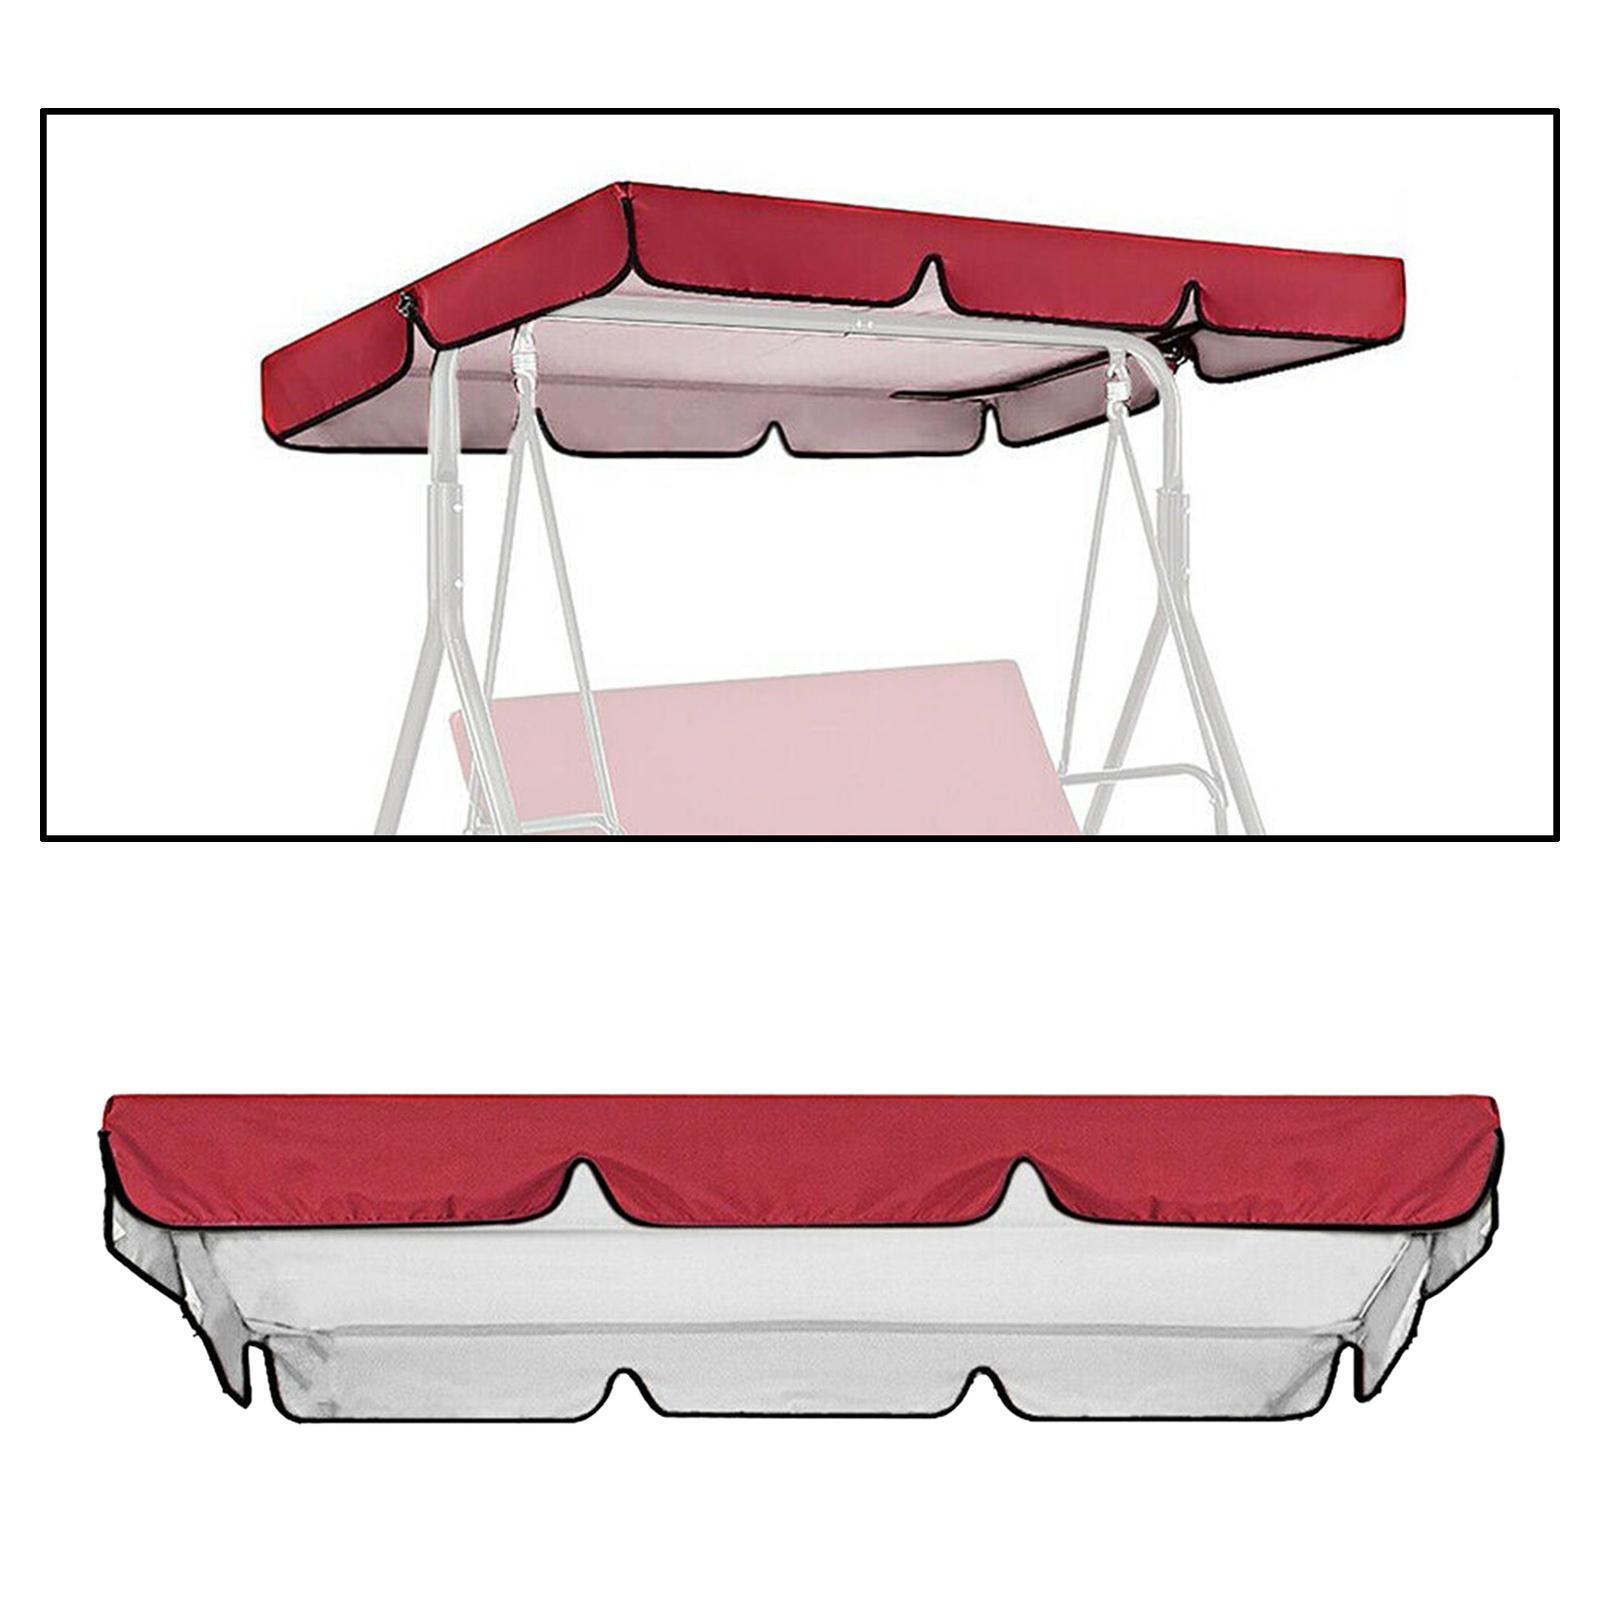 miniatura 41 - Copertura superiore della sedia a dondolo da giardino per esterni con